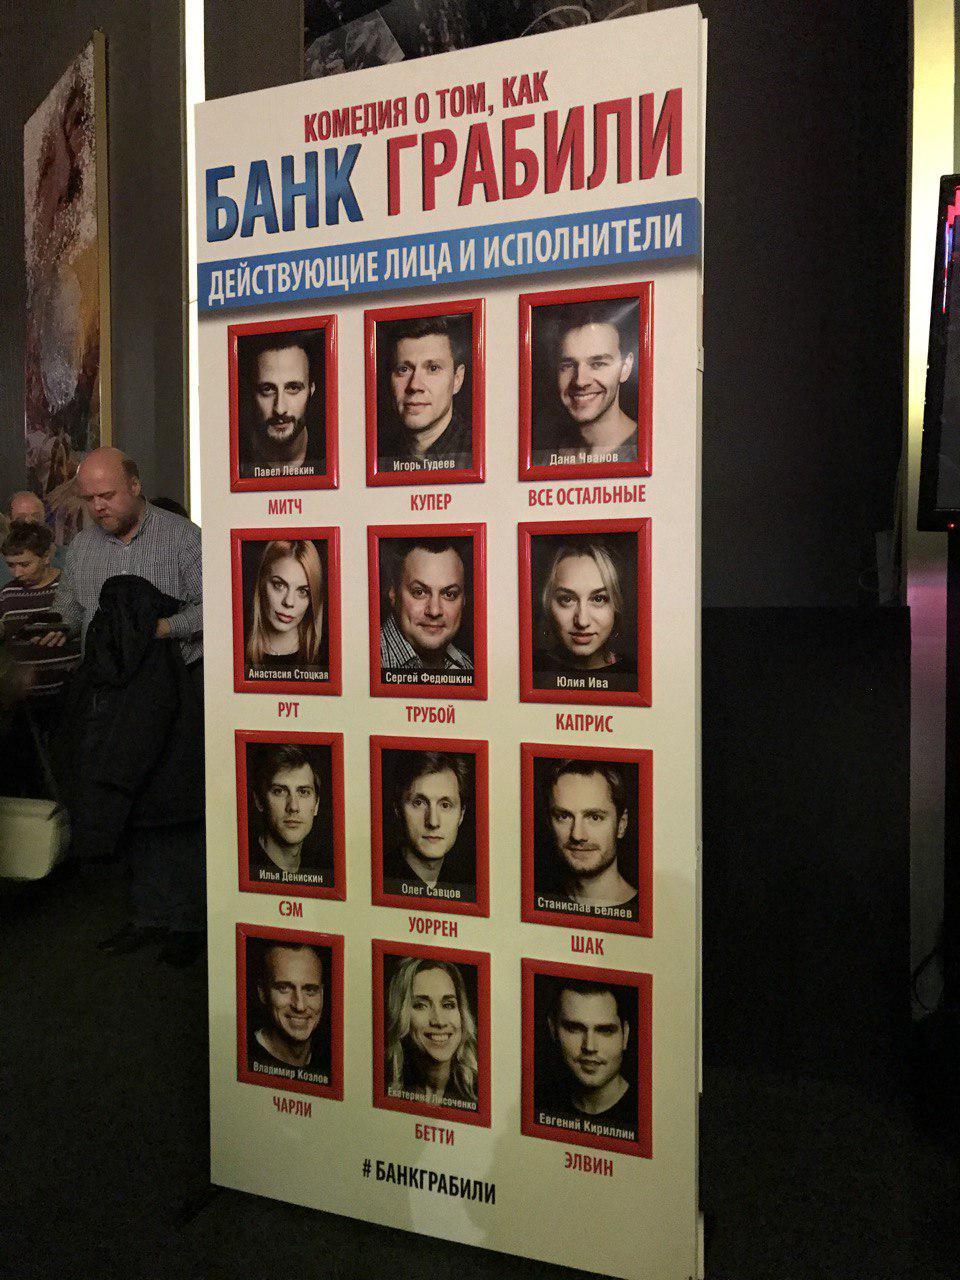 12 актеров представляют 40 персонажей